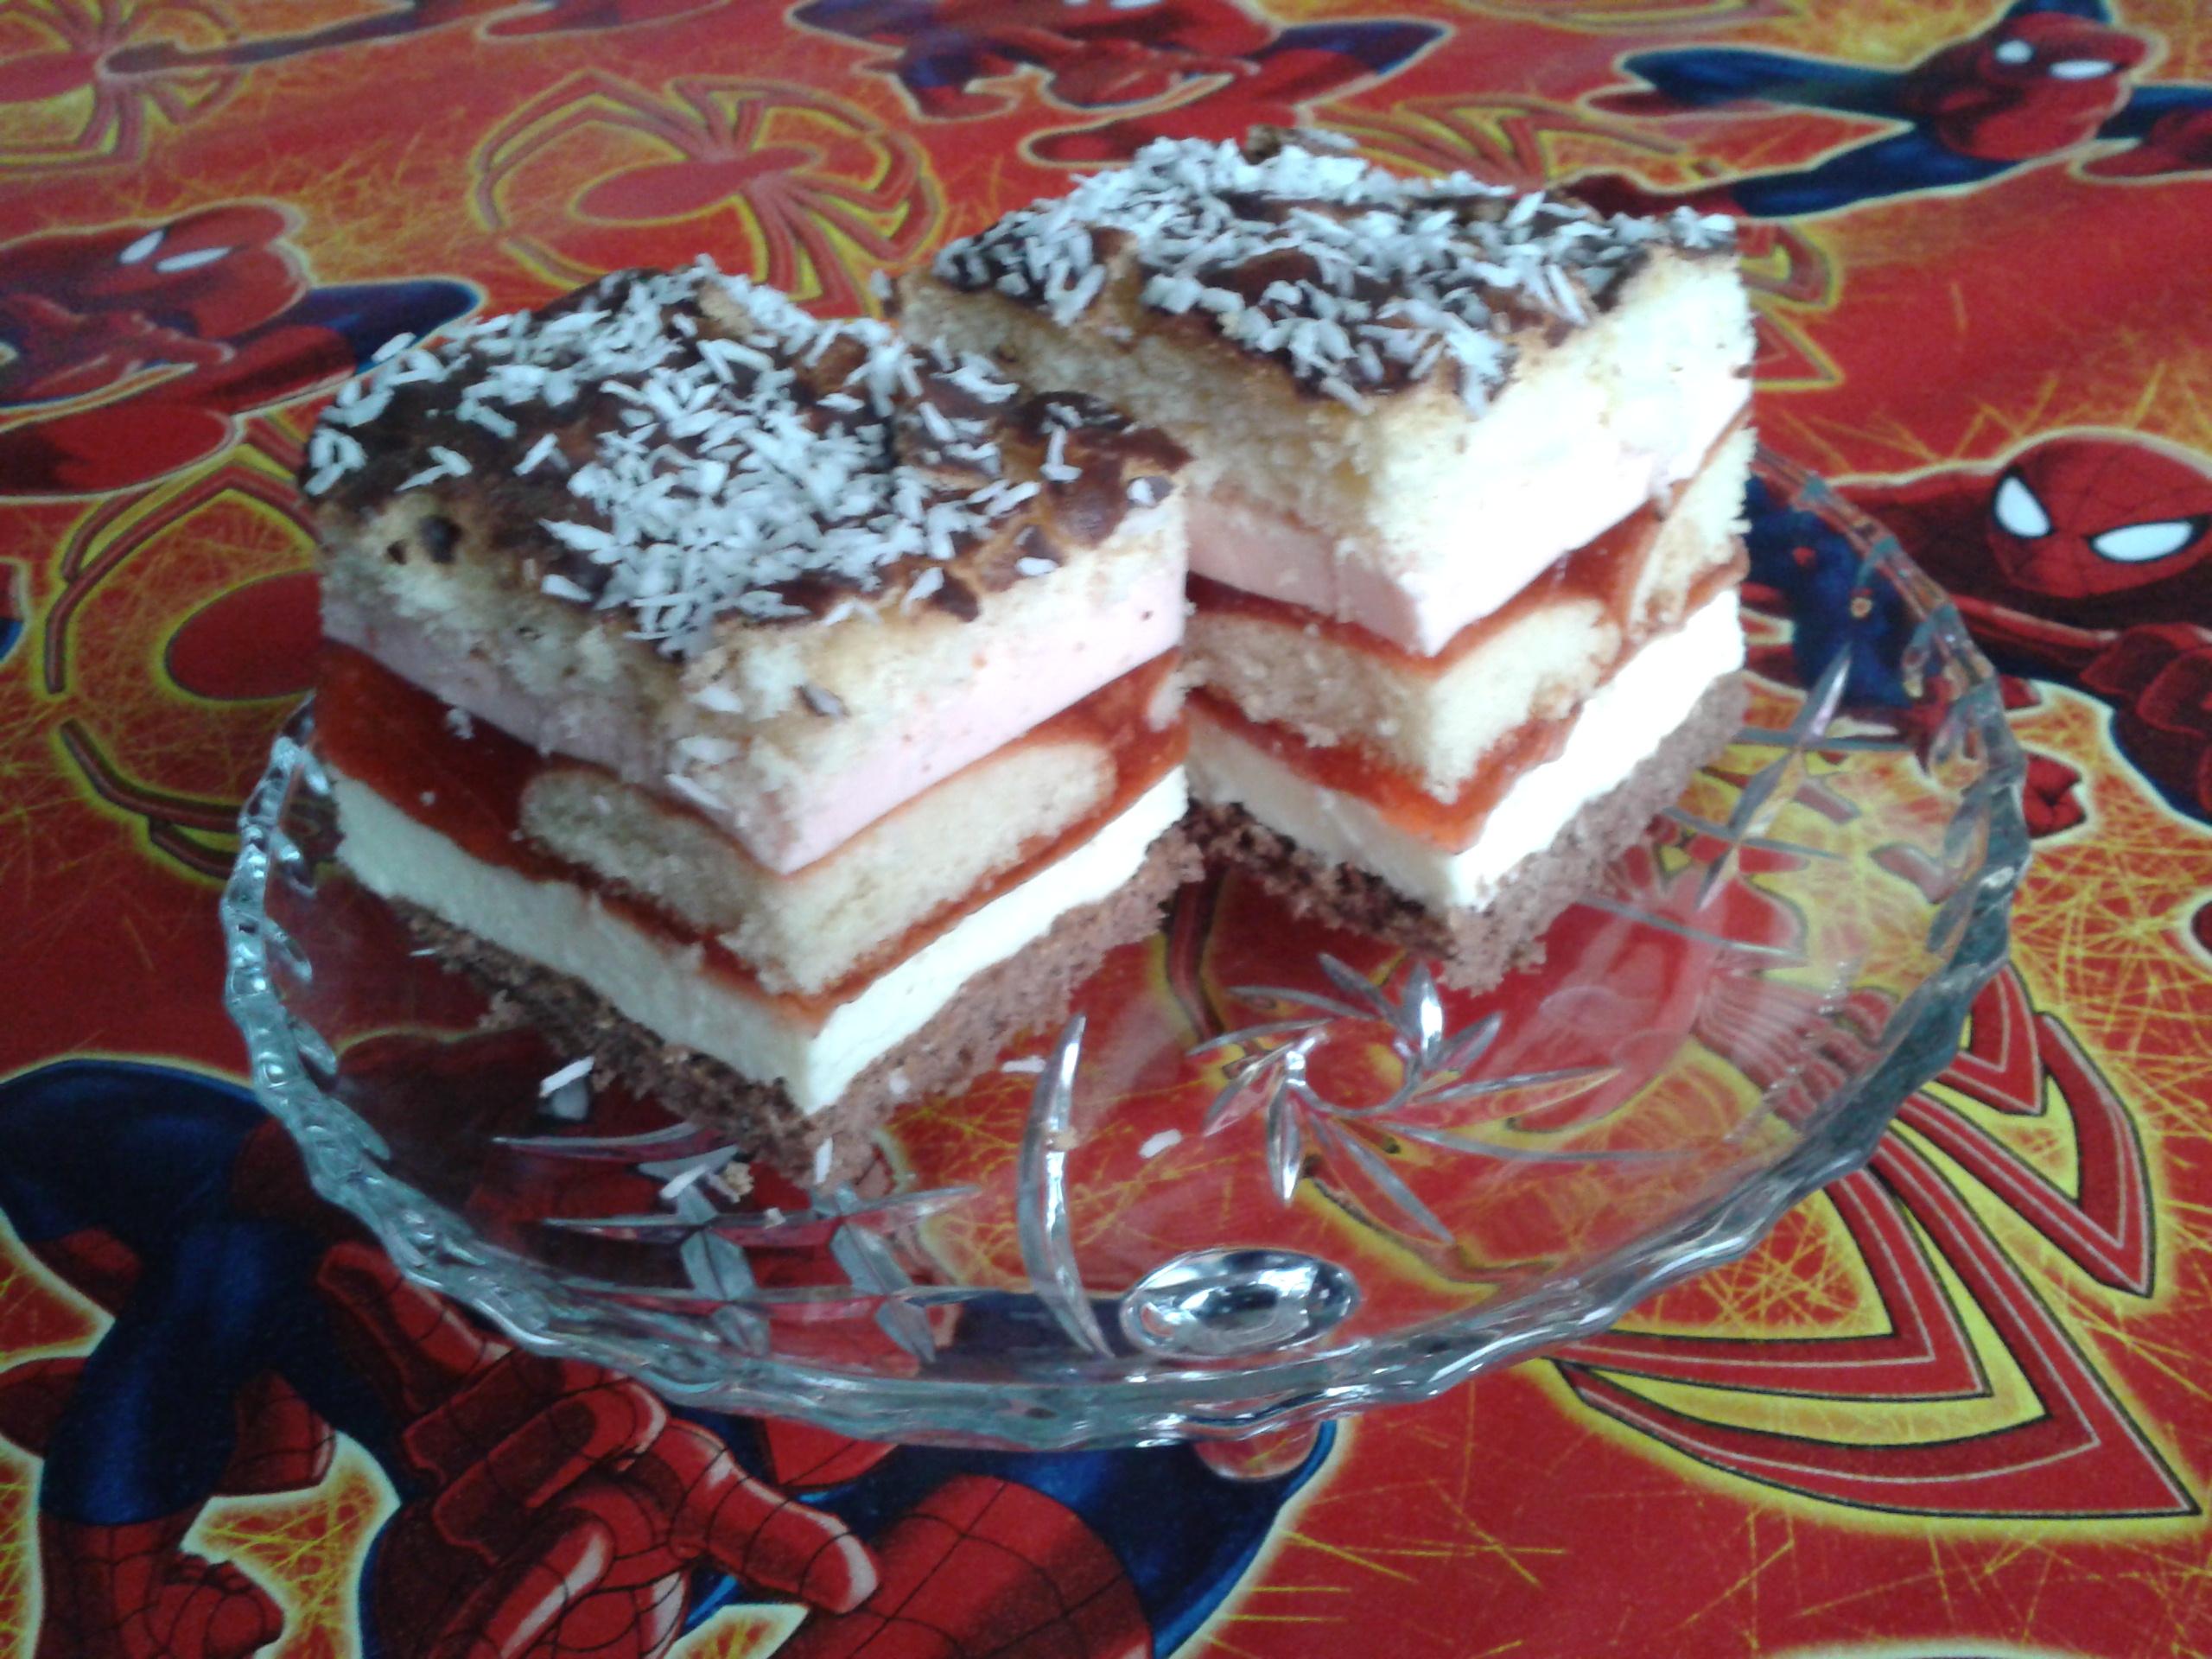 ciasto siostry anastazjicuszima przyslijprzepispl